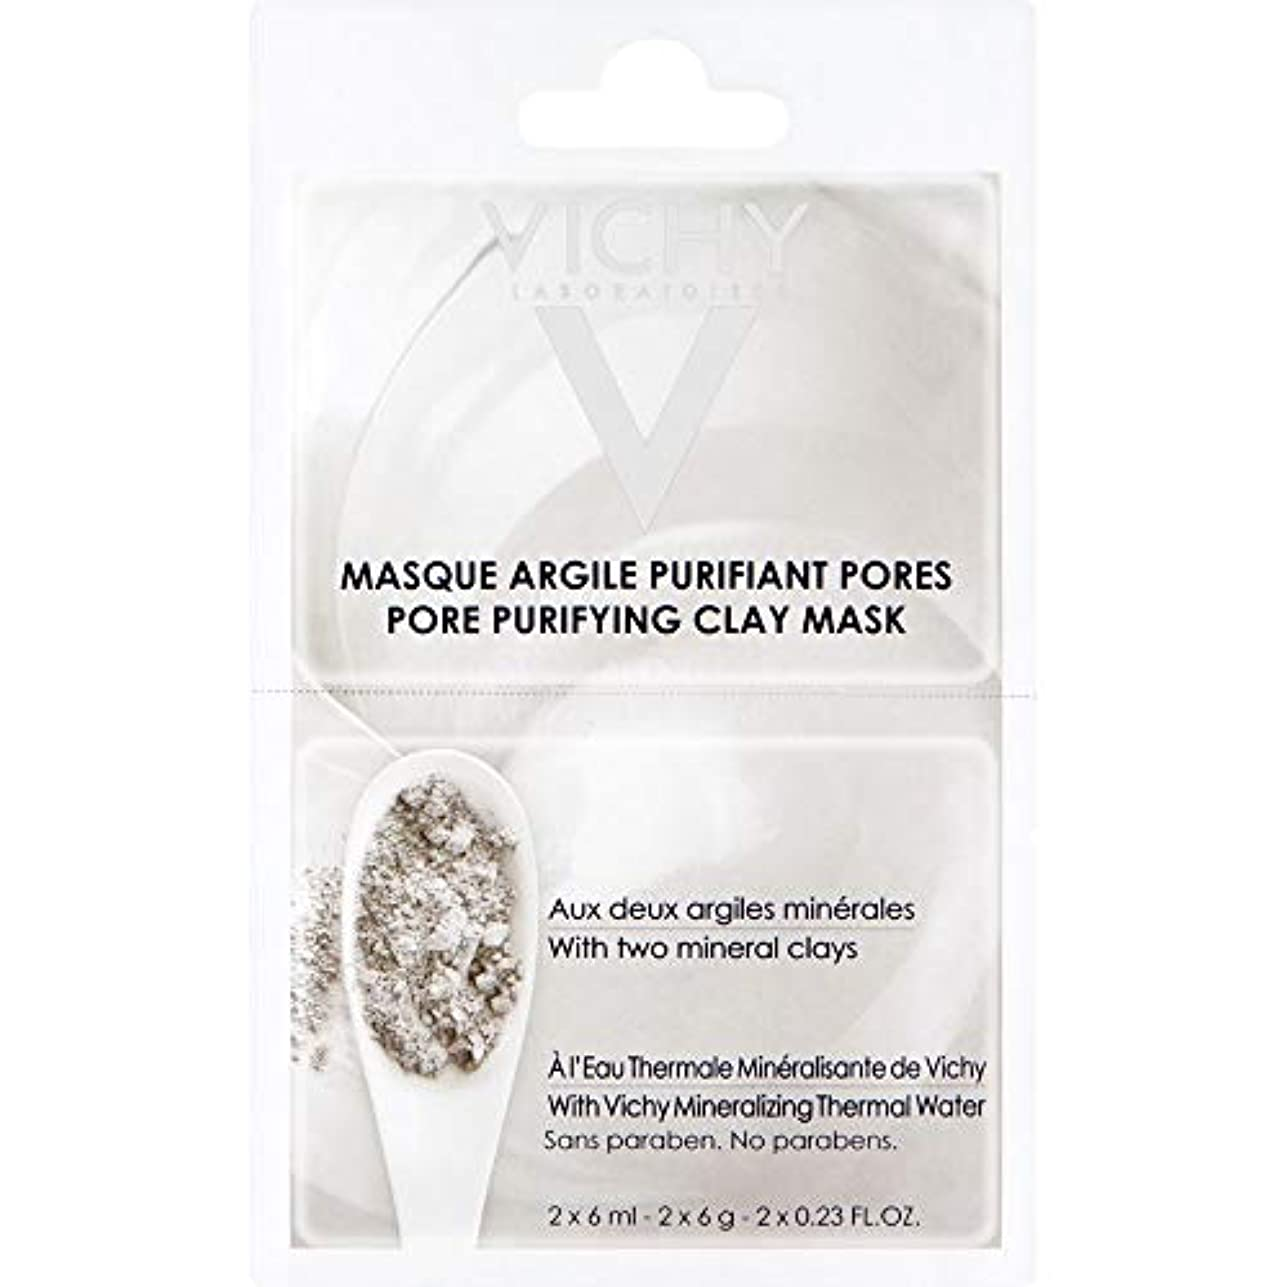 素晴らしさ汚れる地域の[Vichy] ビシー細孔浄化クレイマスクデュオ2×6ミリリットル - Vichy Pore Purifying Clay Mask Duo 2 x 6ml [並行輸入品]